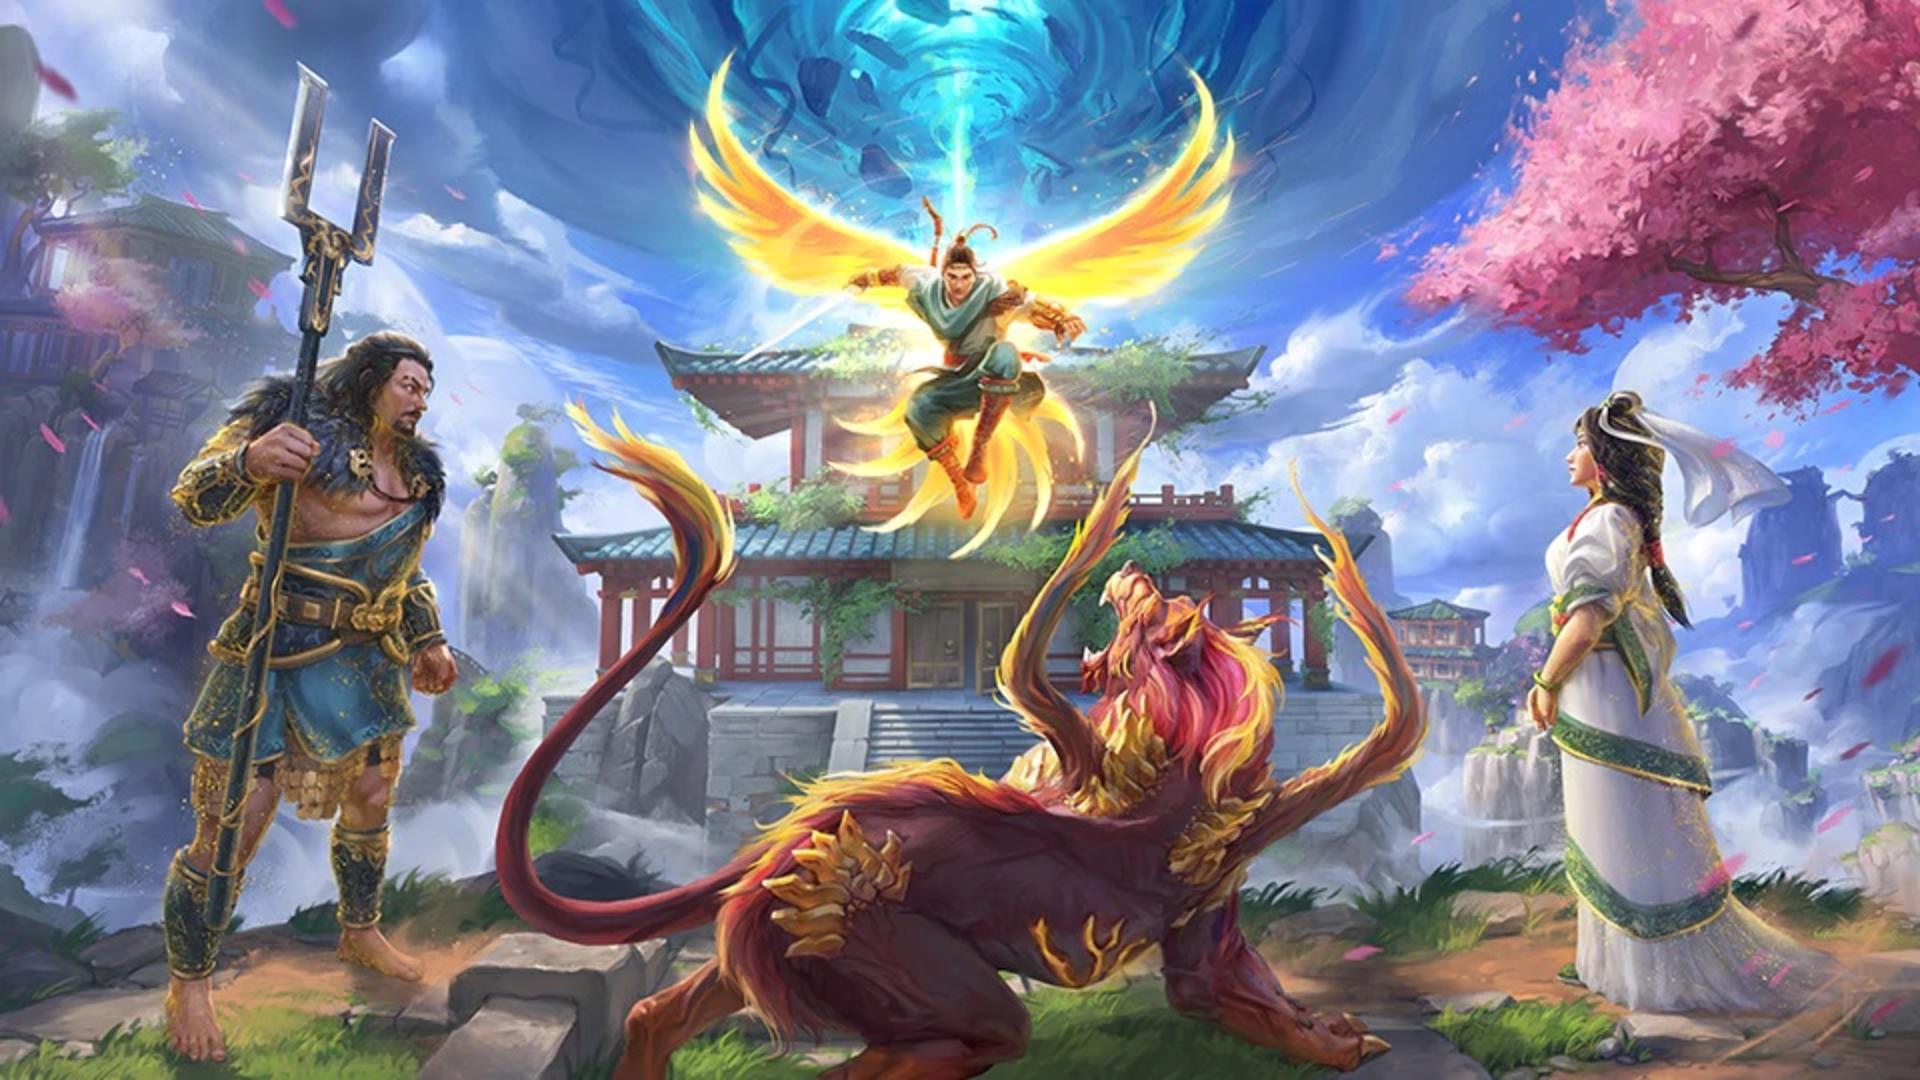 immortals a new god